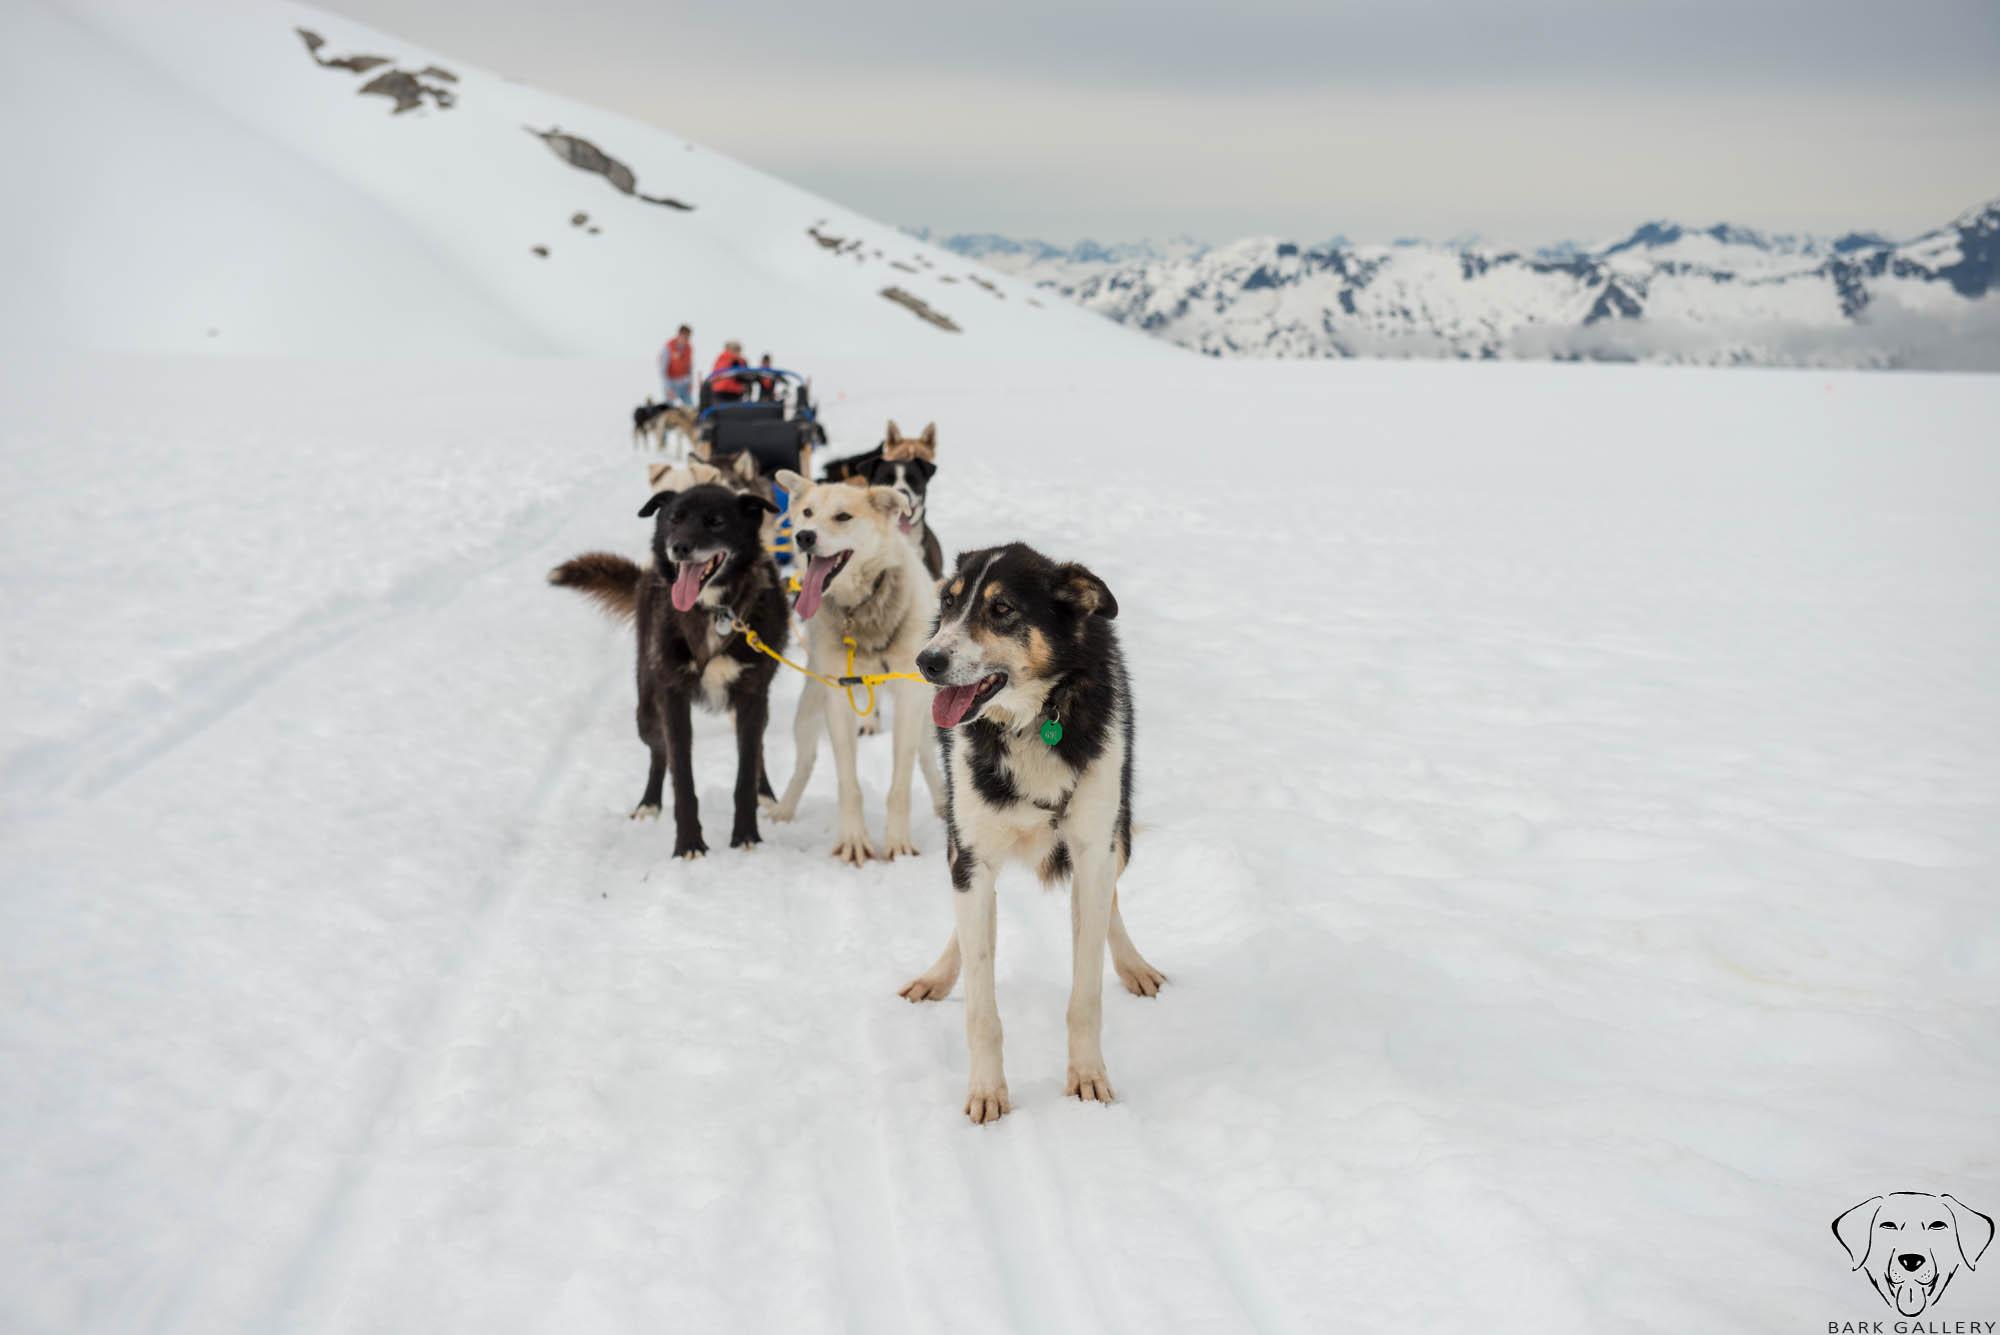 snow-dogs-sledding-mushing